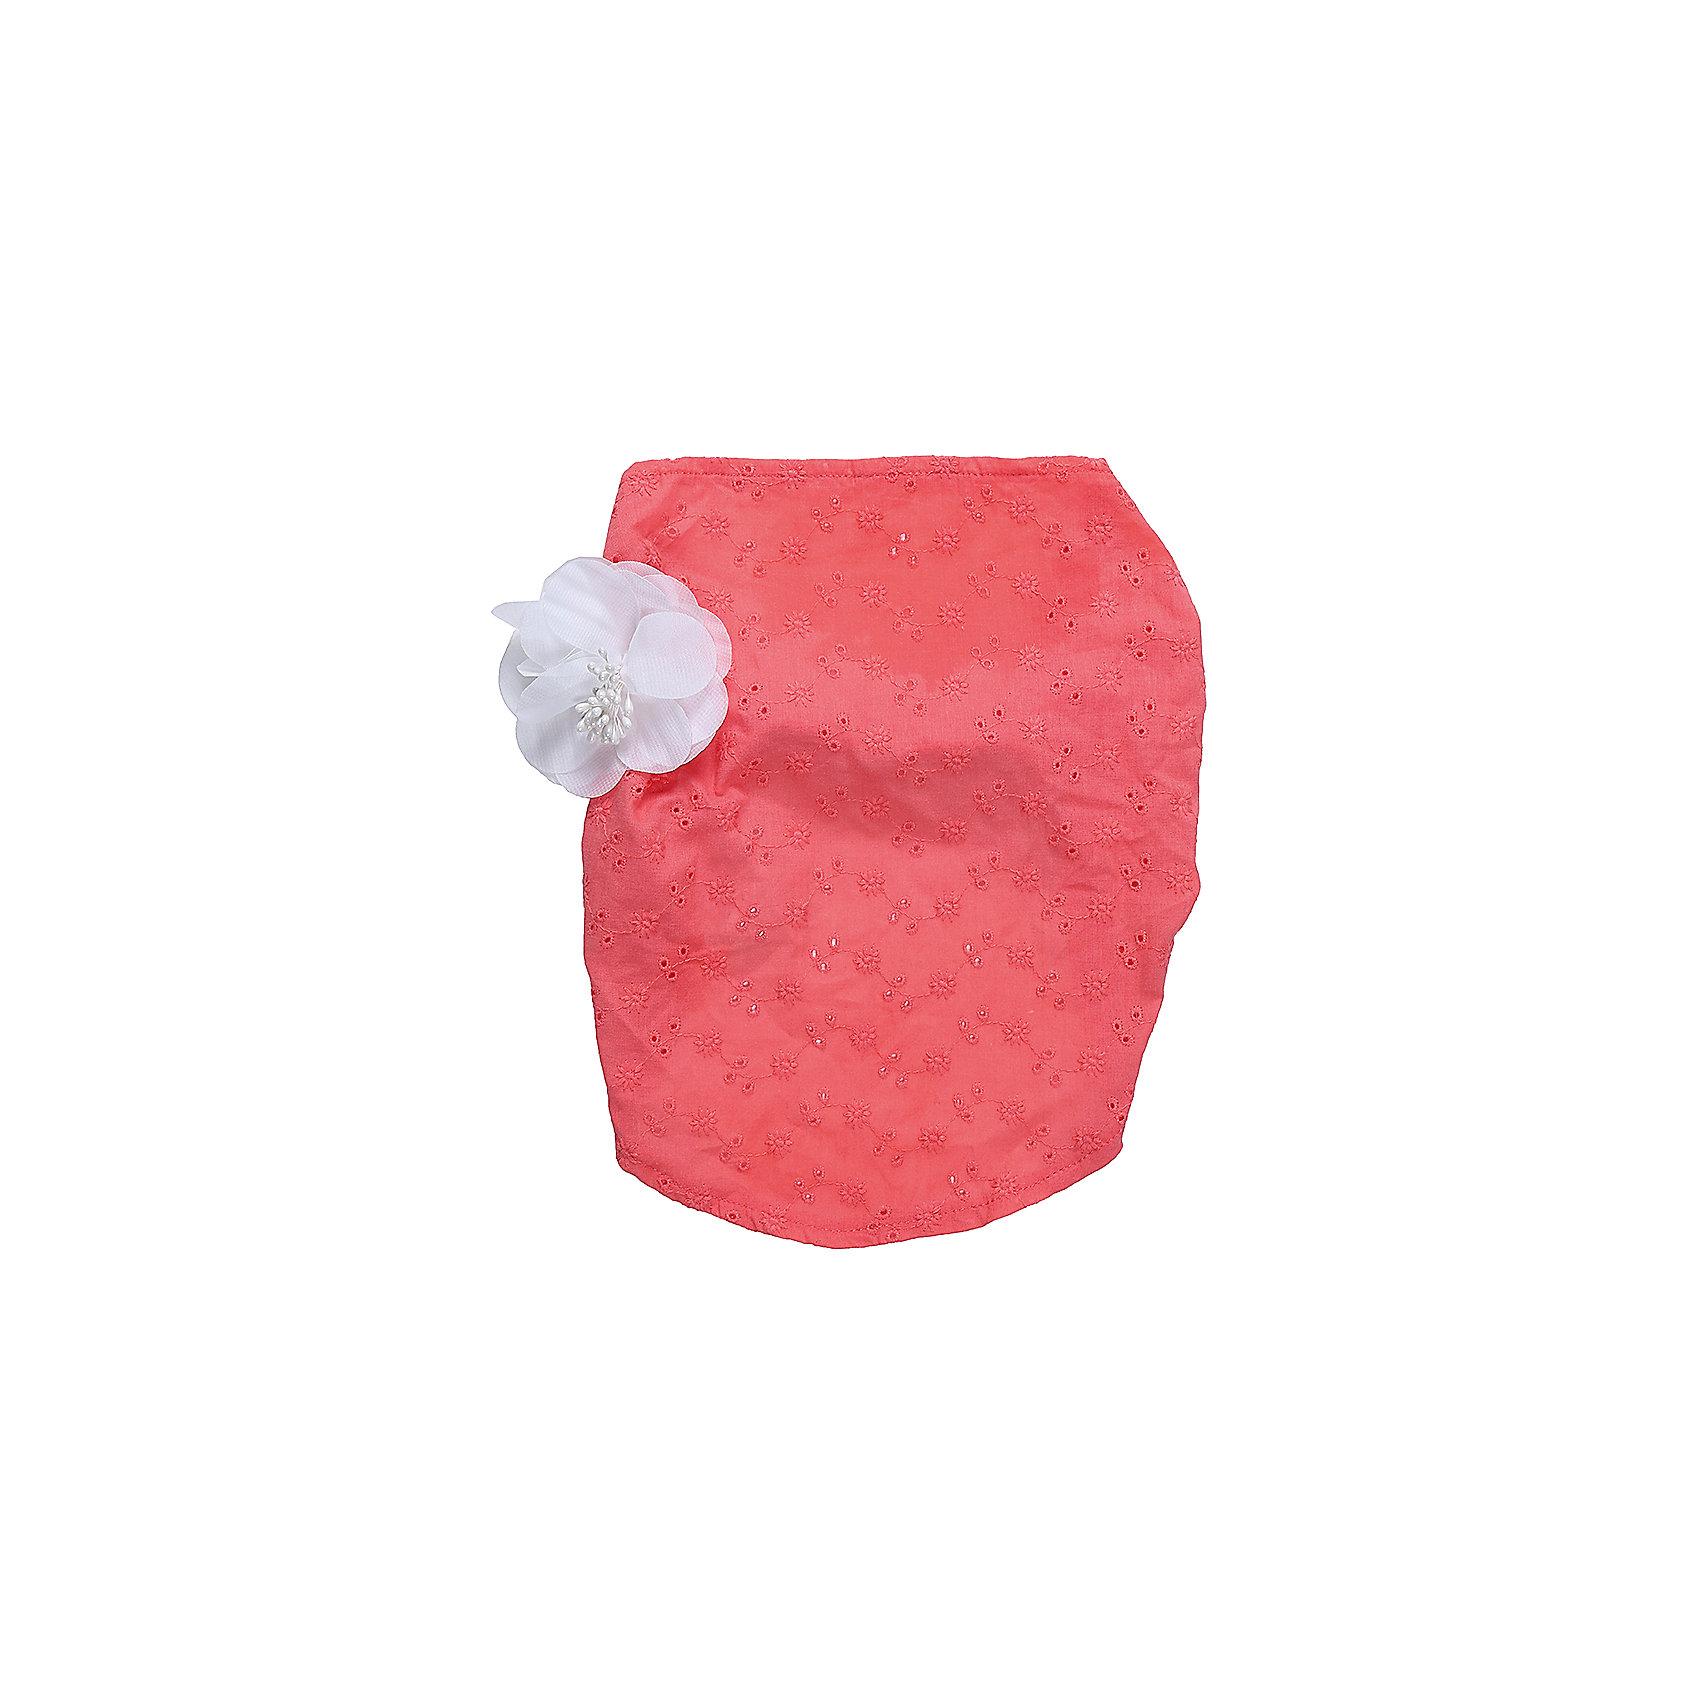 Повязка на голову для девочки Sweet BerryГоловные уборы<br>Трикотажная  повязка из принтованной ткани для девочки декорированная цветком.<br>Состав:<br>100% хлопок<br><br>Ширина мм: 89<br>Глубина мм: 117<br>Высота мм: 44<br>Вес г: 155<br>Цвет: розовый<br>Возраст от месяцев: 24<br>Возраст до месяцев: 36<br>Пол: Женский<br>Возраст: Детский<br>Размер: 50,52,54<br>SKU: 5412407